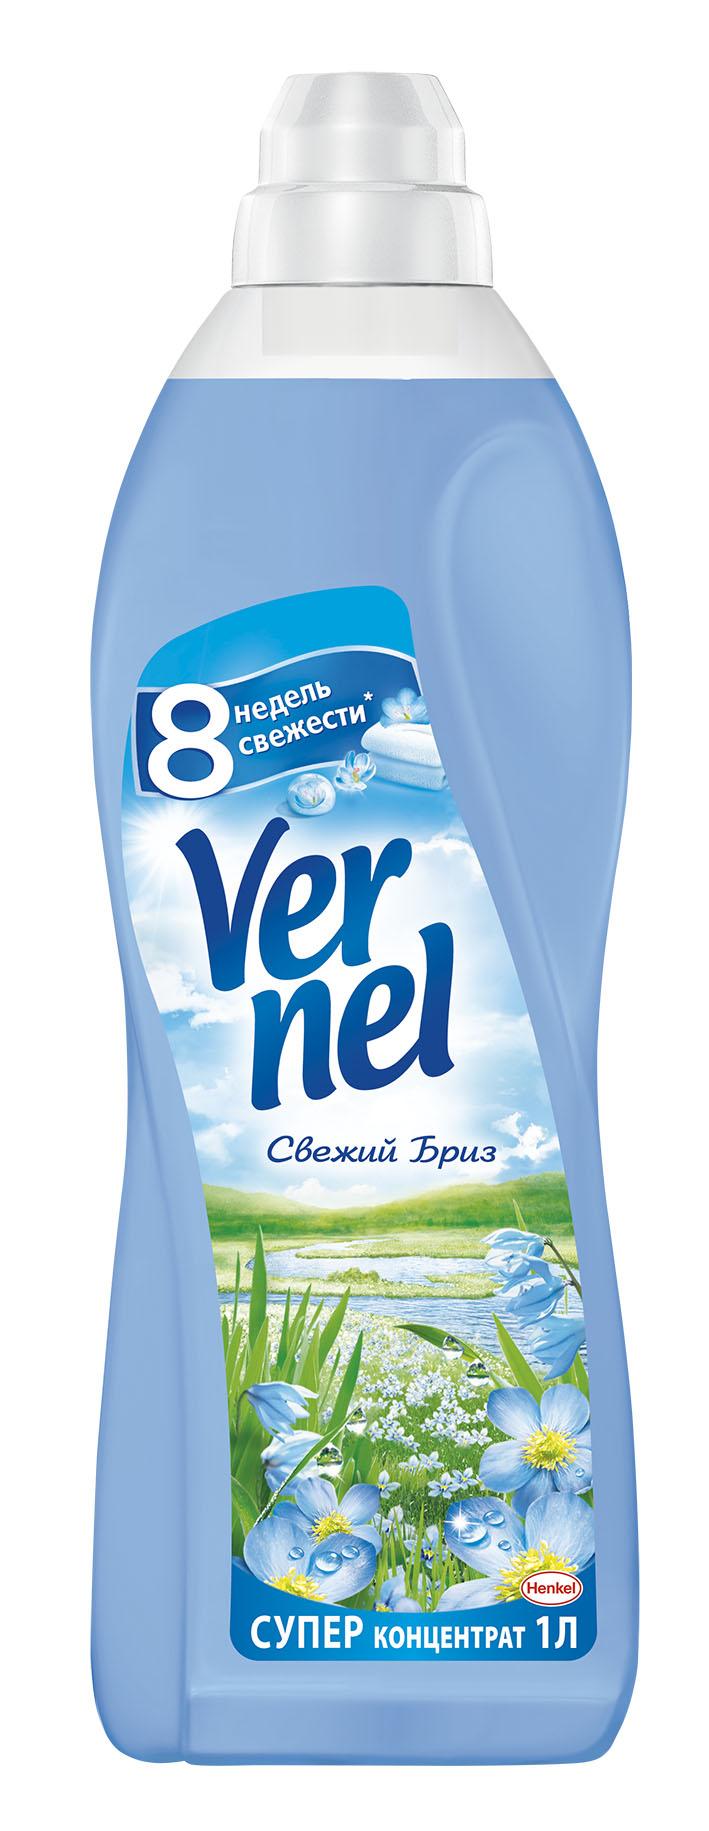 Кондиционер для белья Vernel Свежий Бриз 1л904662С новой Классической линейкой Vernel свежесть белья длится до 8 недель. Новая формула Vernel обогащена аромакапсулами, которые обеспечивают длительную свежесть. Более того, кондиционеры для белья Vernel придают белью невероятную мягкость, такую же приятную, как и ее запах. Свойства кондиционера для белья Vernel: 1. Придает мягкость 2. Придает приятный аромат 3. Обладает антистатическим эффектом 4. Облегчает глажение До 8 недель свежести при условии хранения белья без использования благодаря аромакапсулам Состав: Состав: 5-15% катионные ПАВ; Товар сертифицирован.